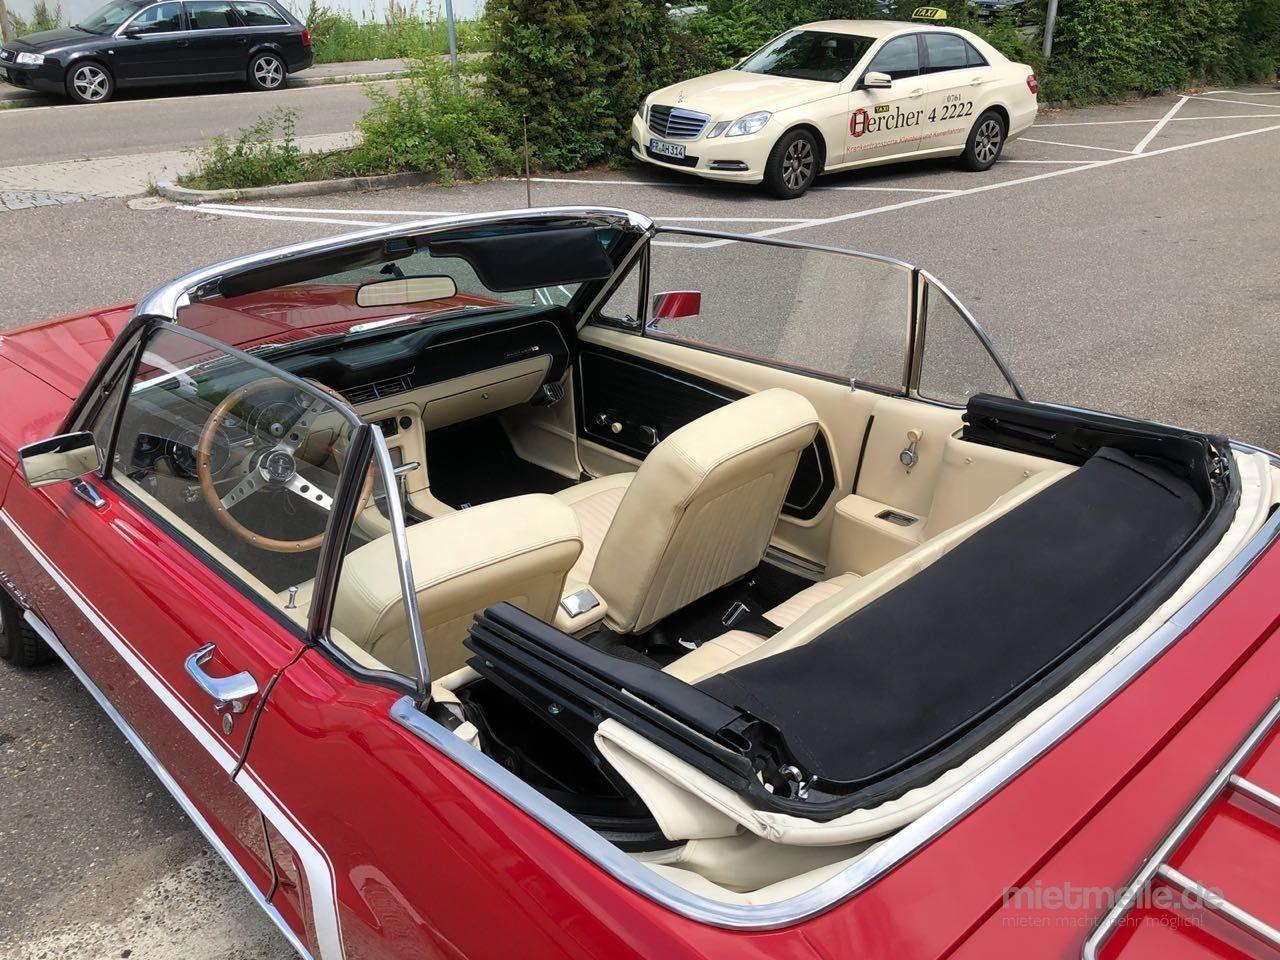 Hochzeitsauto mieten & vermieten - Mustang Cabrio Bj. 68, Hochzeitsauto, Chauffeur/-in, Oldtimer in Freiburg im Breisgau